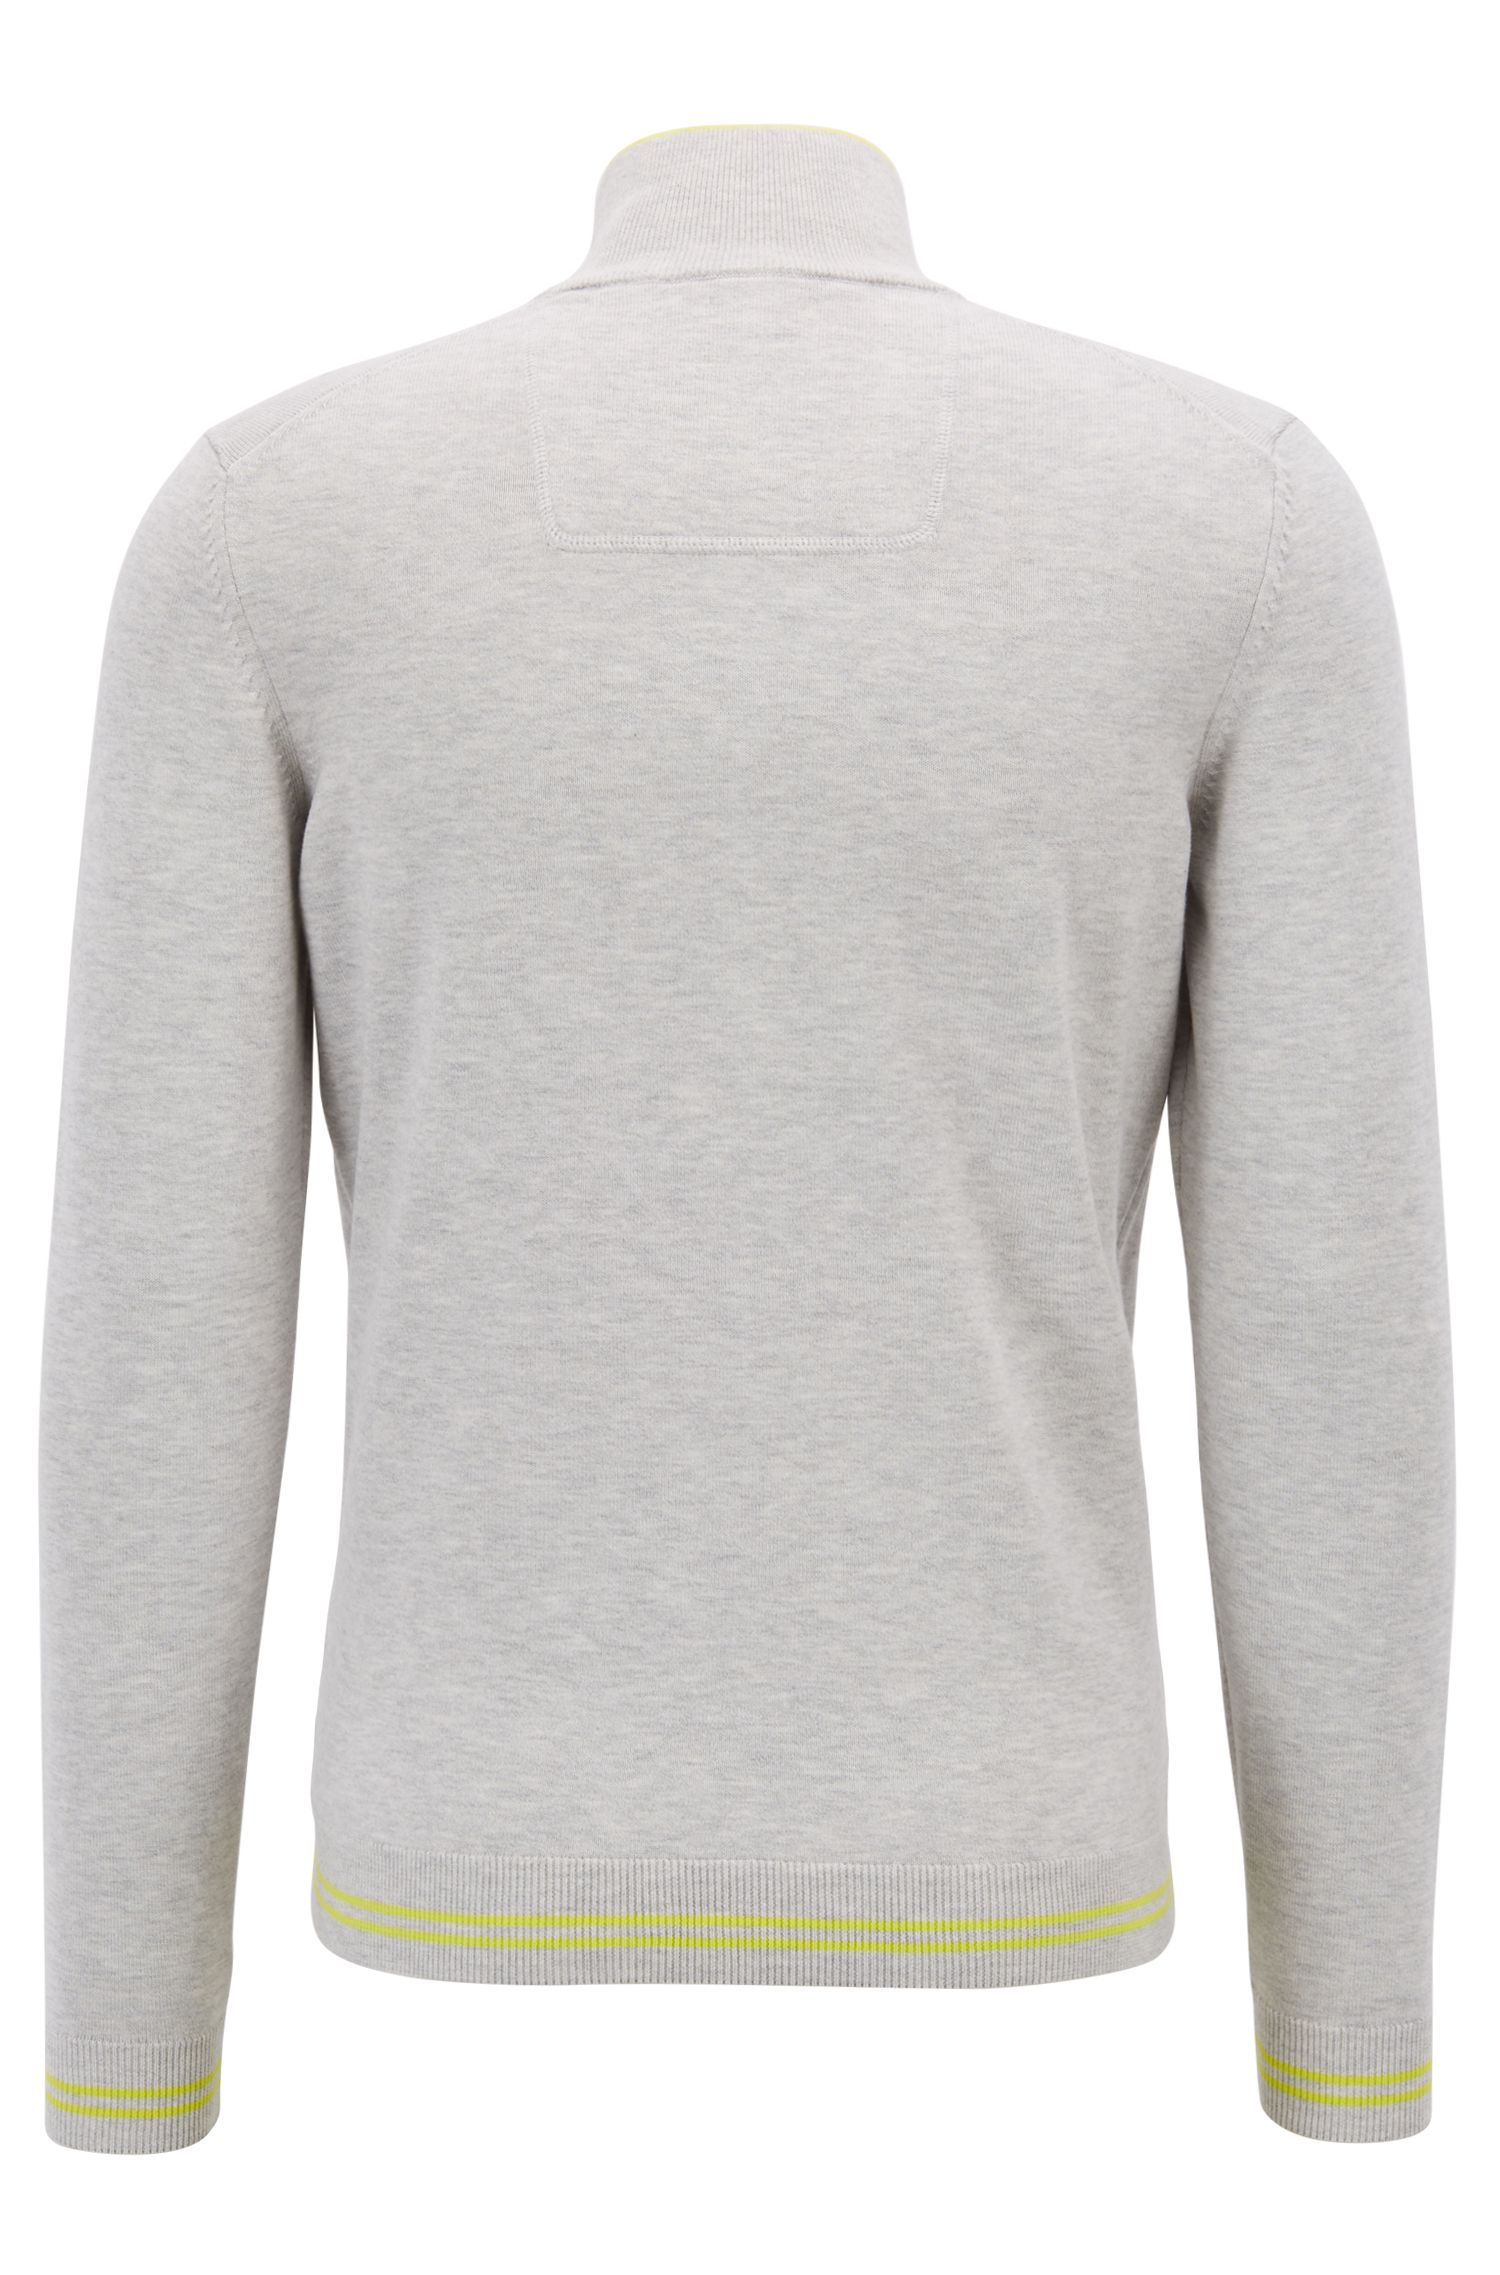 Pullover aus Baumwoll-Mix mit Troyerkragen und Kontrast-Streifen , Hellgrau